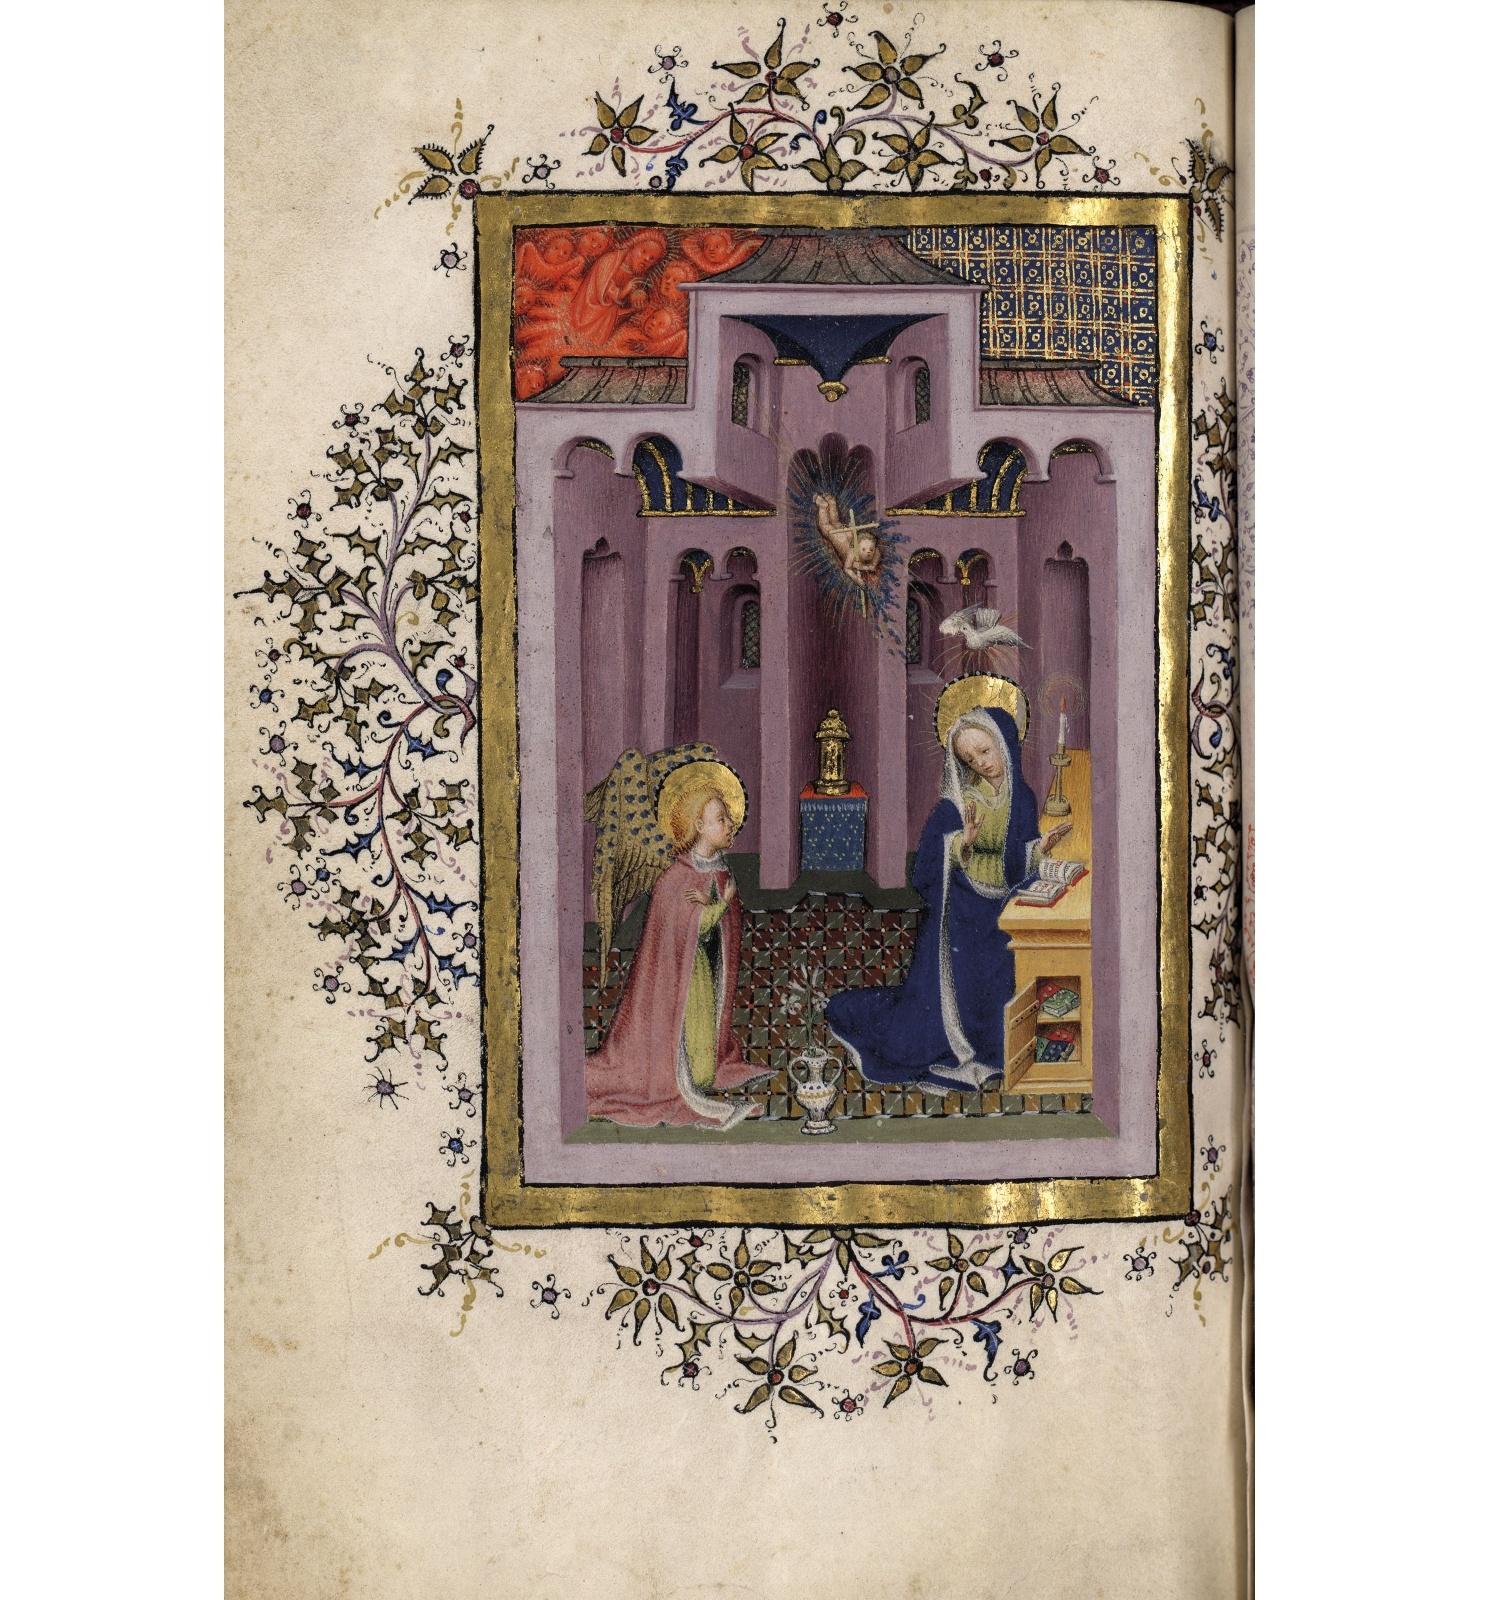 Bernat Martorell, Saltiri ferial i llibre d'Hores, 1430-1435 / Arxiu Històric de la Ciutat de Barcelona, ms.8A-398